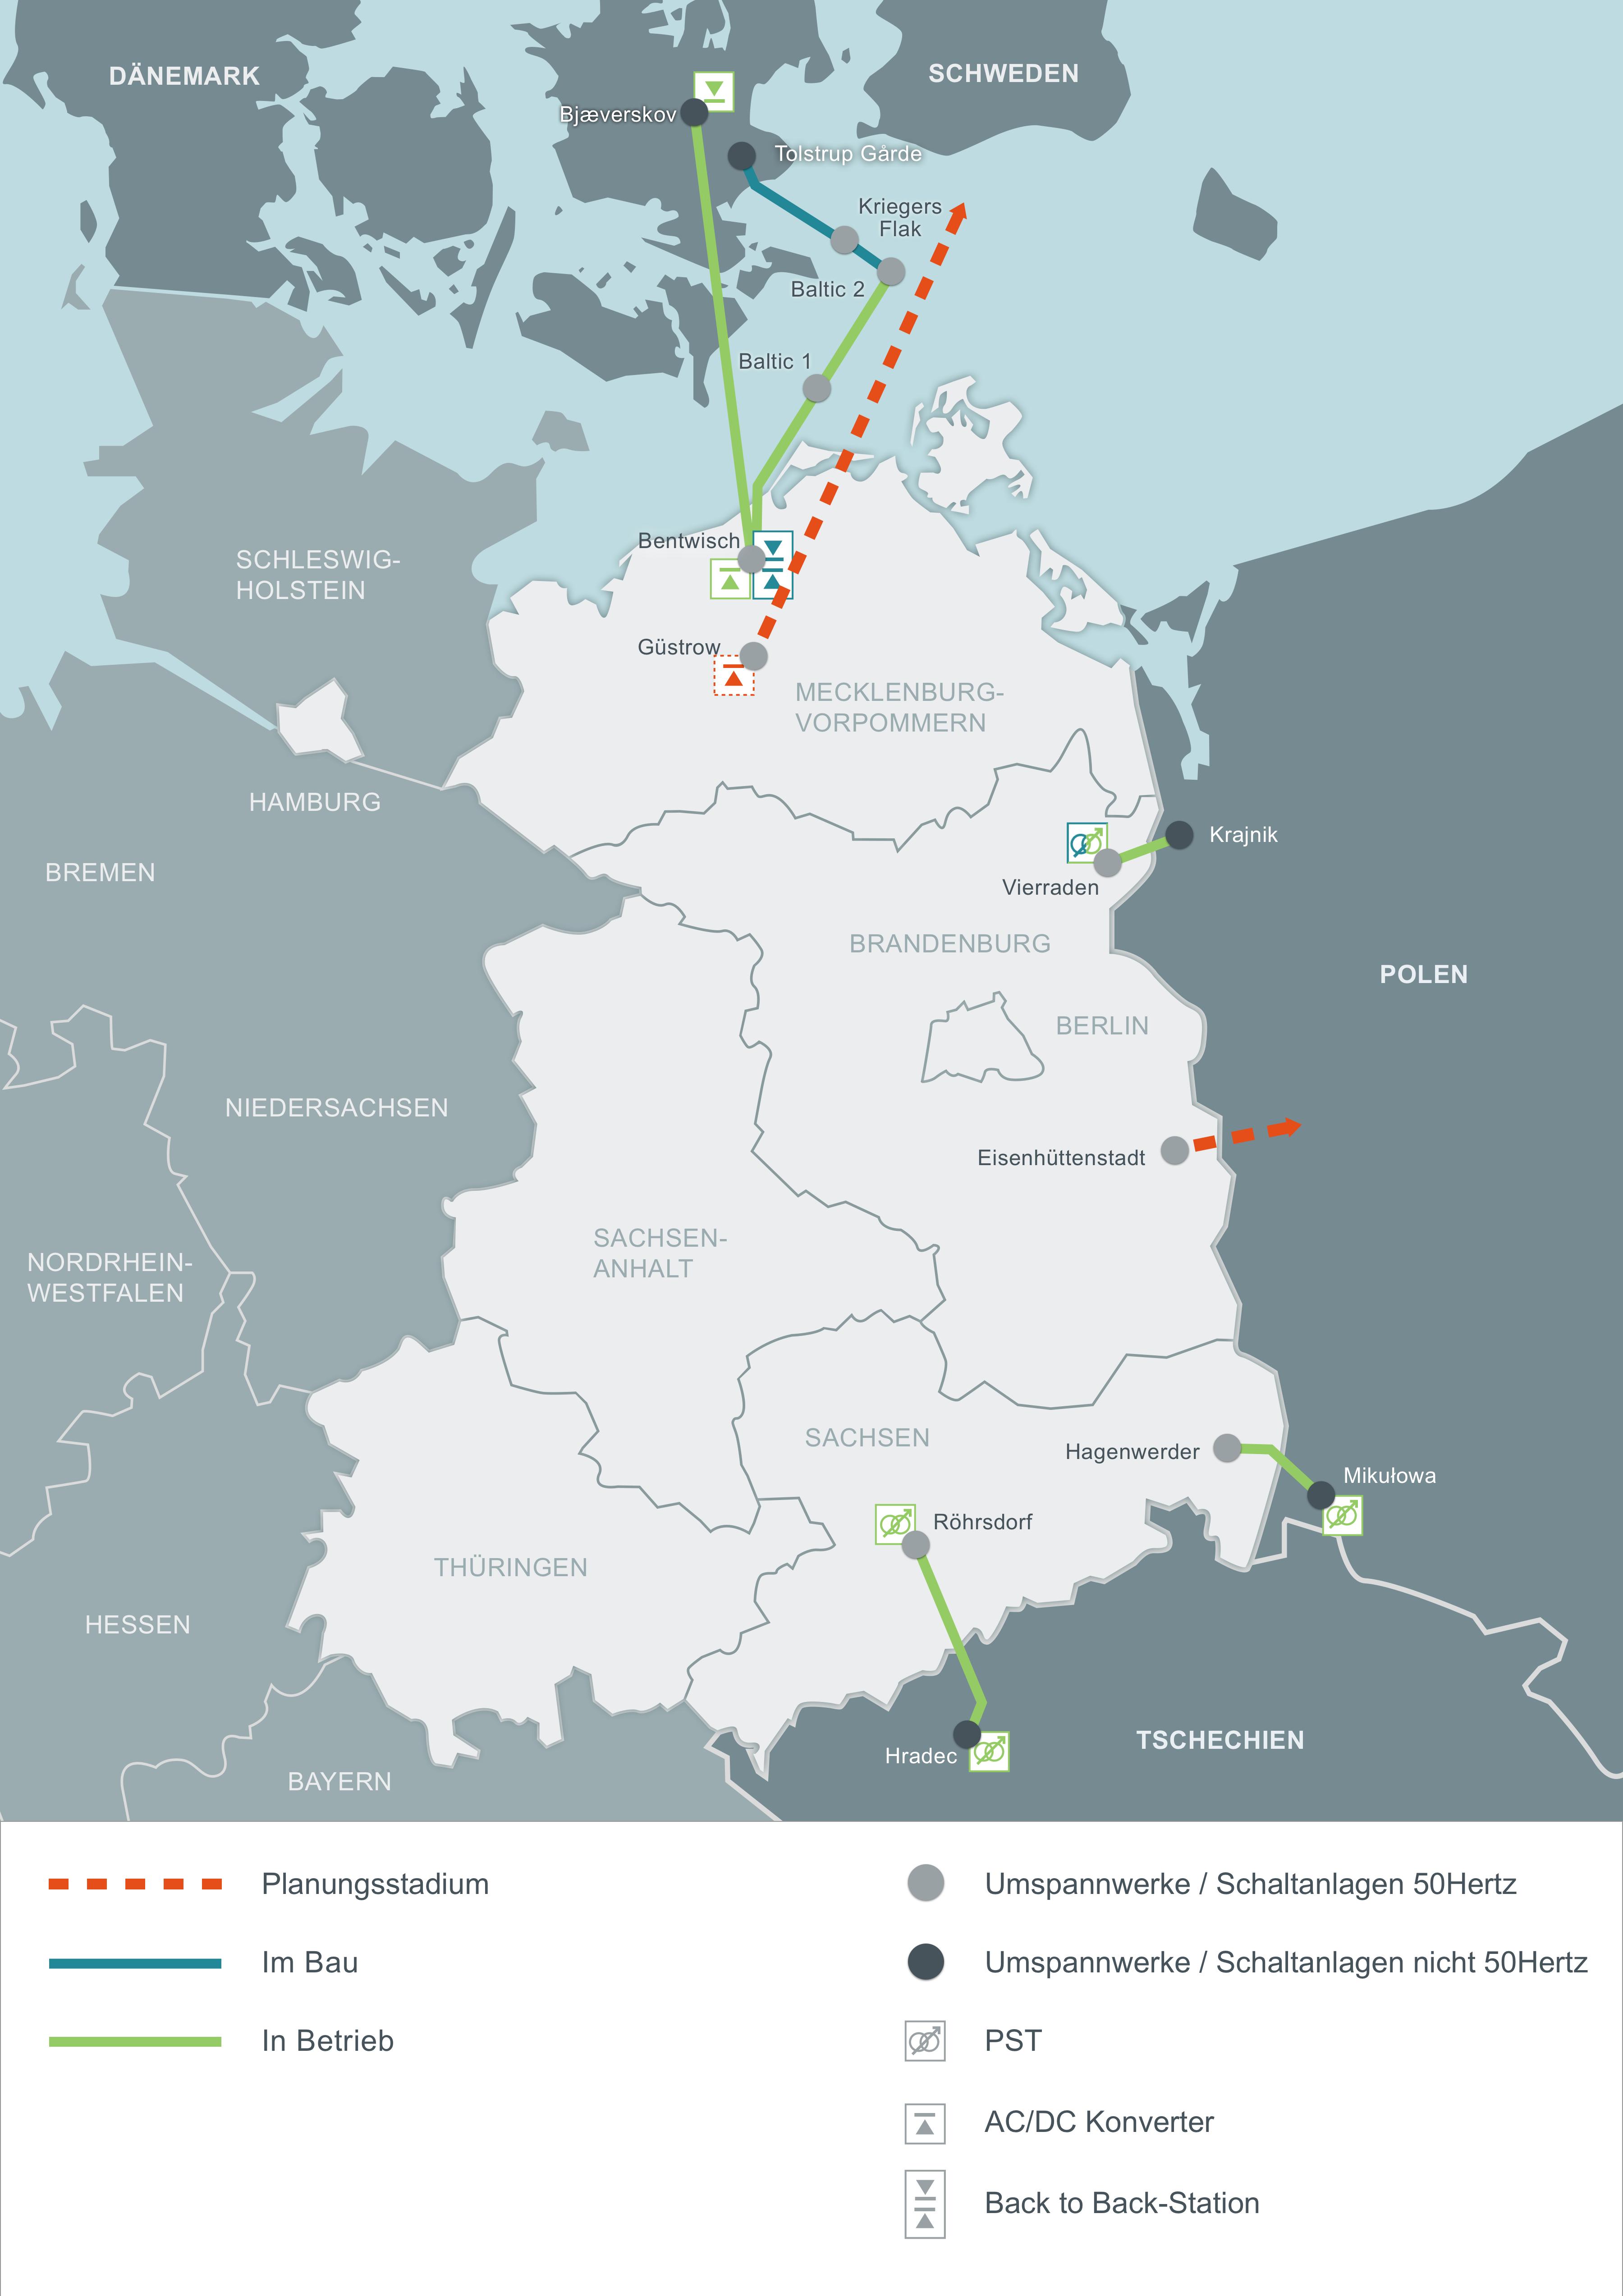 Polen Karte 2019.Interkonnektoren Und Phasenschieber